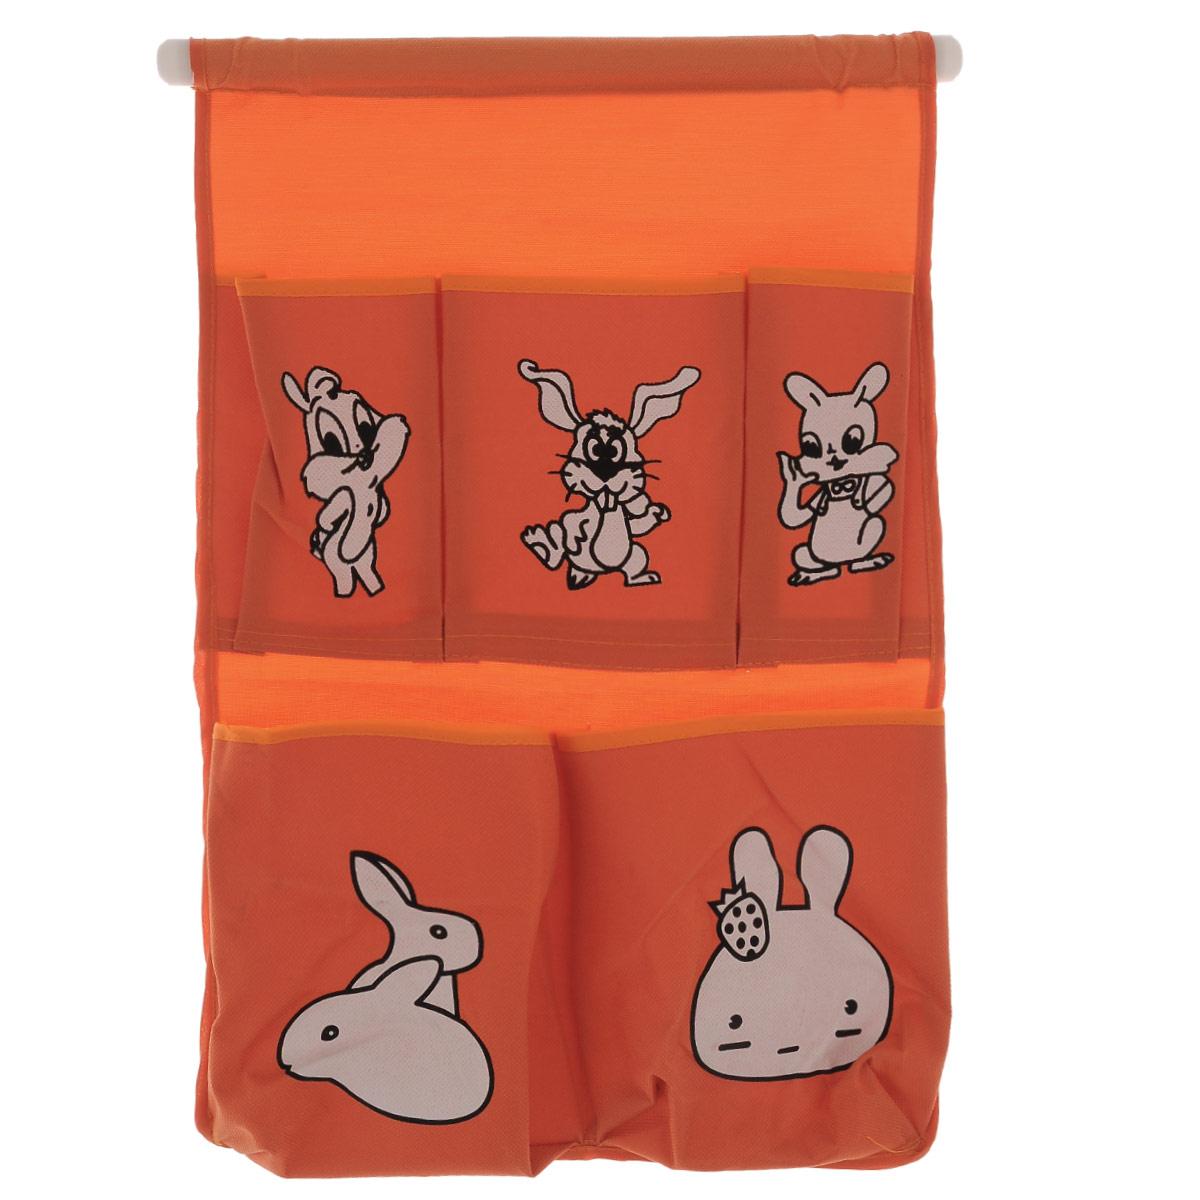 Органайзер для хранения Sima-land Зайчата, цвет: оранжевый, 5 отделений423810_оранжевыйОрганайзер Sima-land, изготовленный из текстиля, предназначен для хранения необходимых вещей, множества мелочей в гардеробной, ванной, детской комнатах. Изделие оснащено 5 кармашками, пришитыми к текстильному полотну. Этот нужный предмет может стать одновременно и декоративным элементом комнаты. Размер самого большого отделения (ДхШ): 14,5 см х 16 см. Размер самого маленького отделения (ДхШ): 13,5 см х 7,5 см.